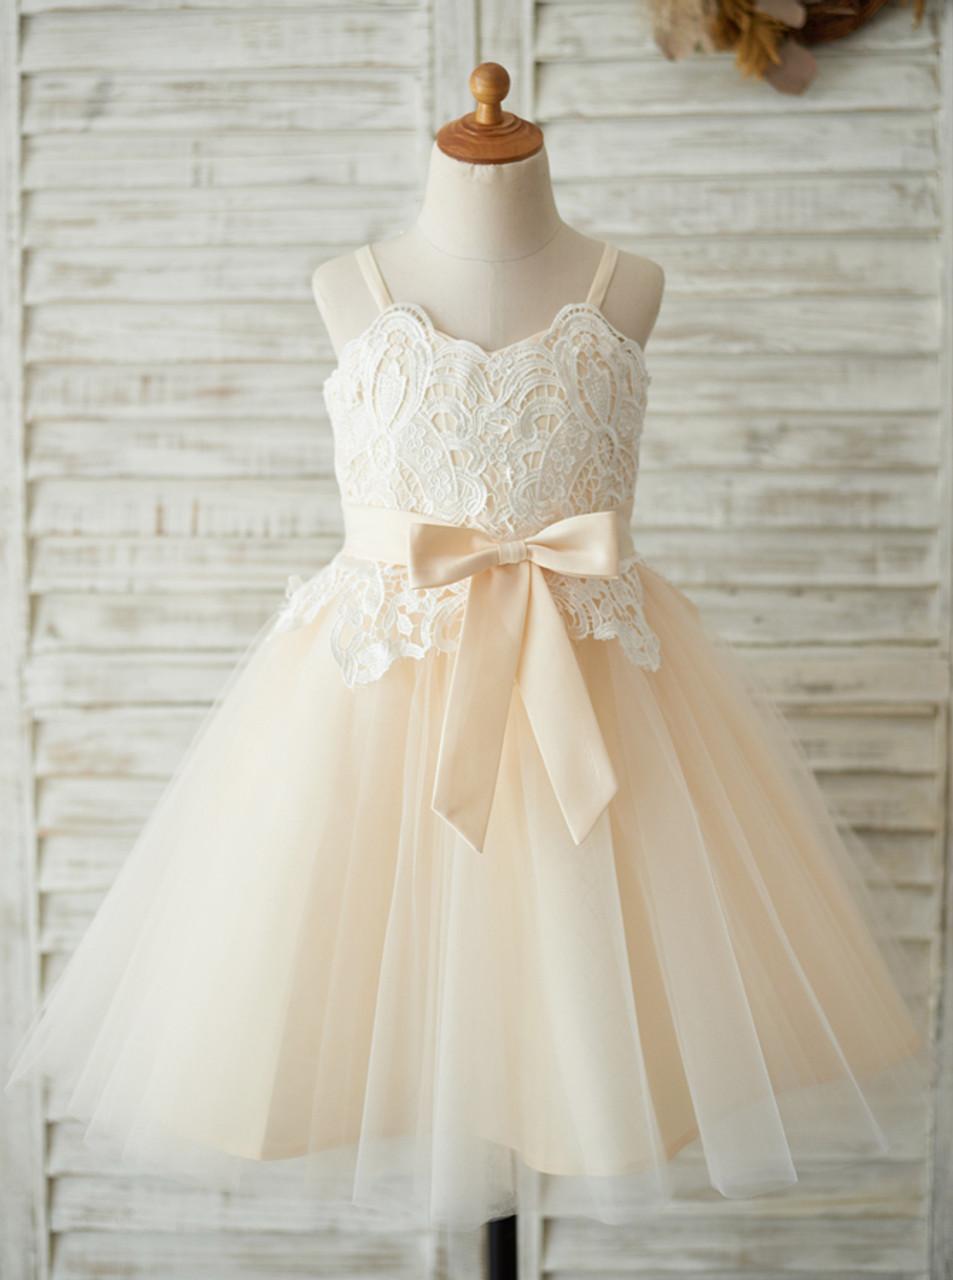 364481fd Champagne Flower Girl Dress,Girl Birthday Party Dress,11824 - Landress.co.uk